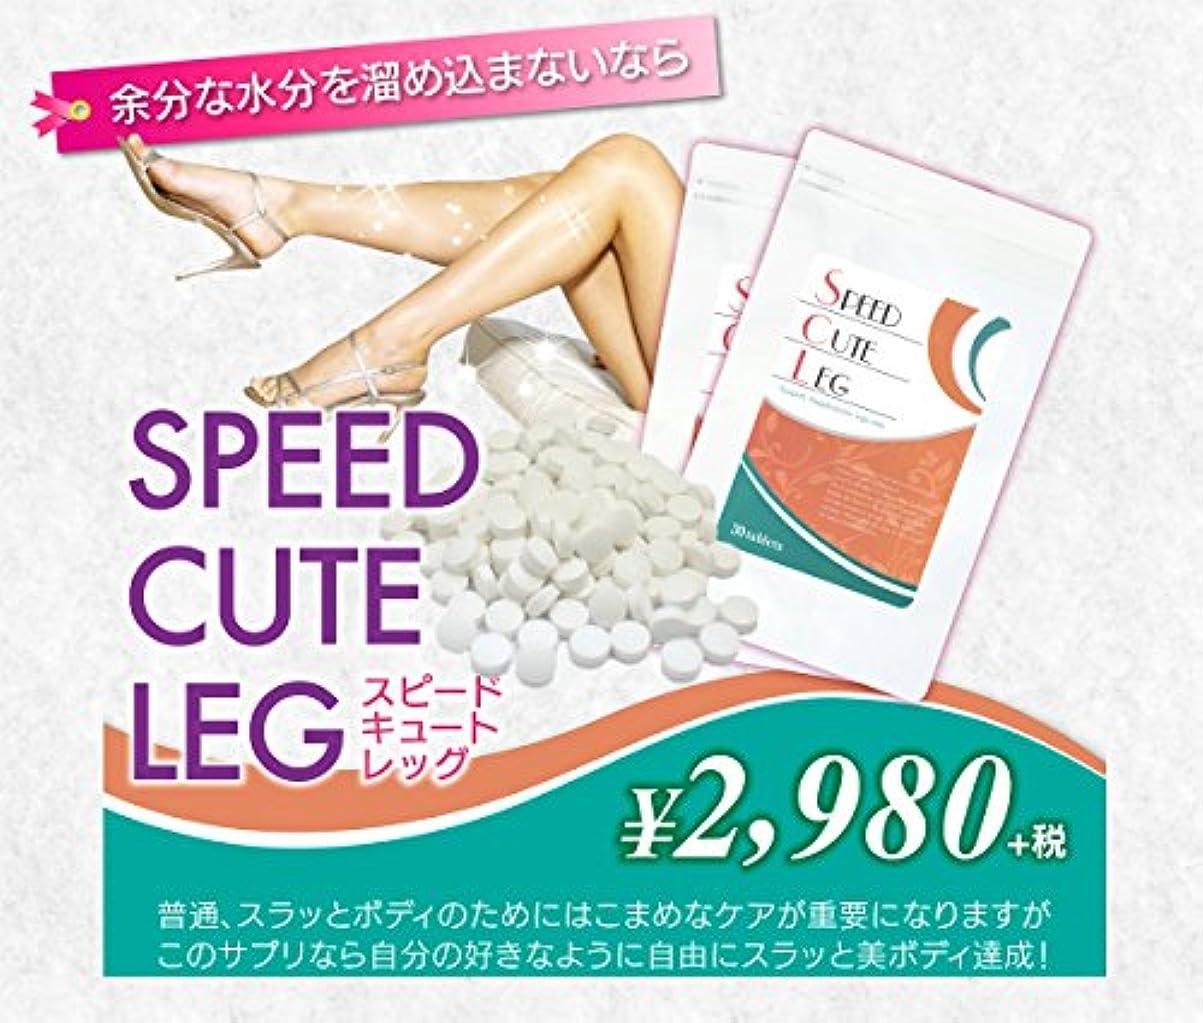 コンサートぶら下がる邪魔SPEED CUTE LEG(スピードキュートレッグ)